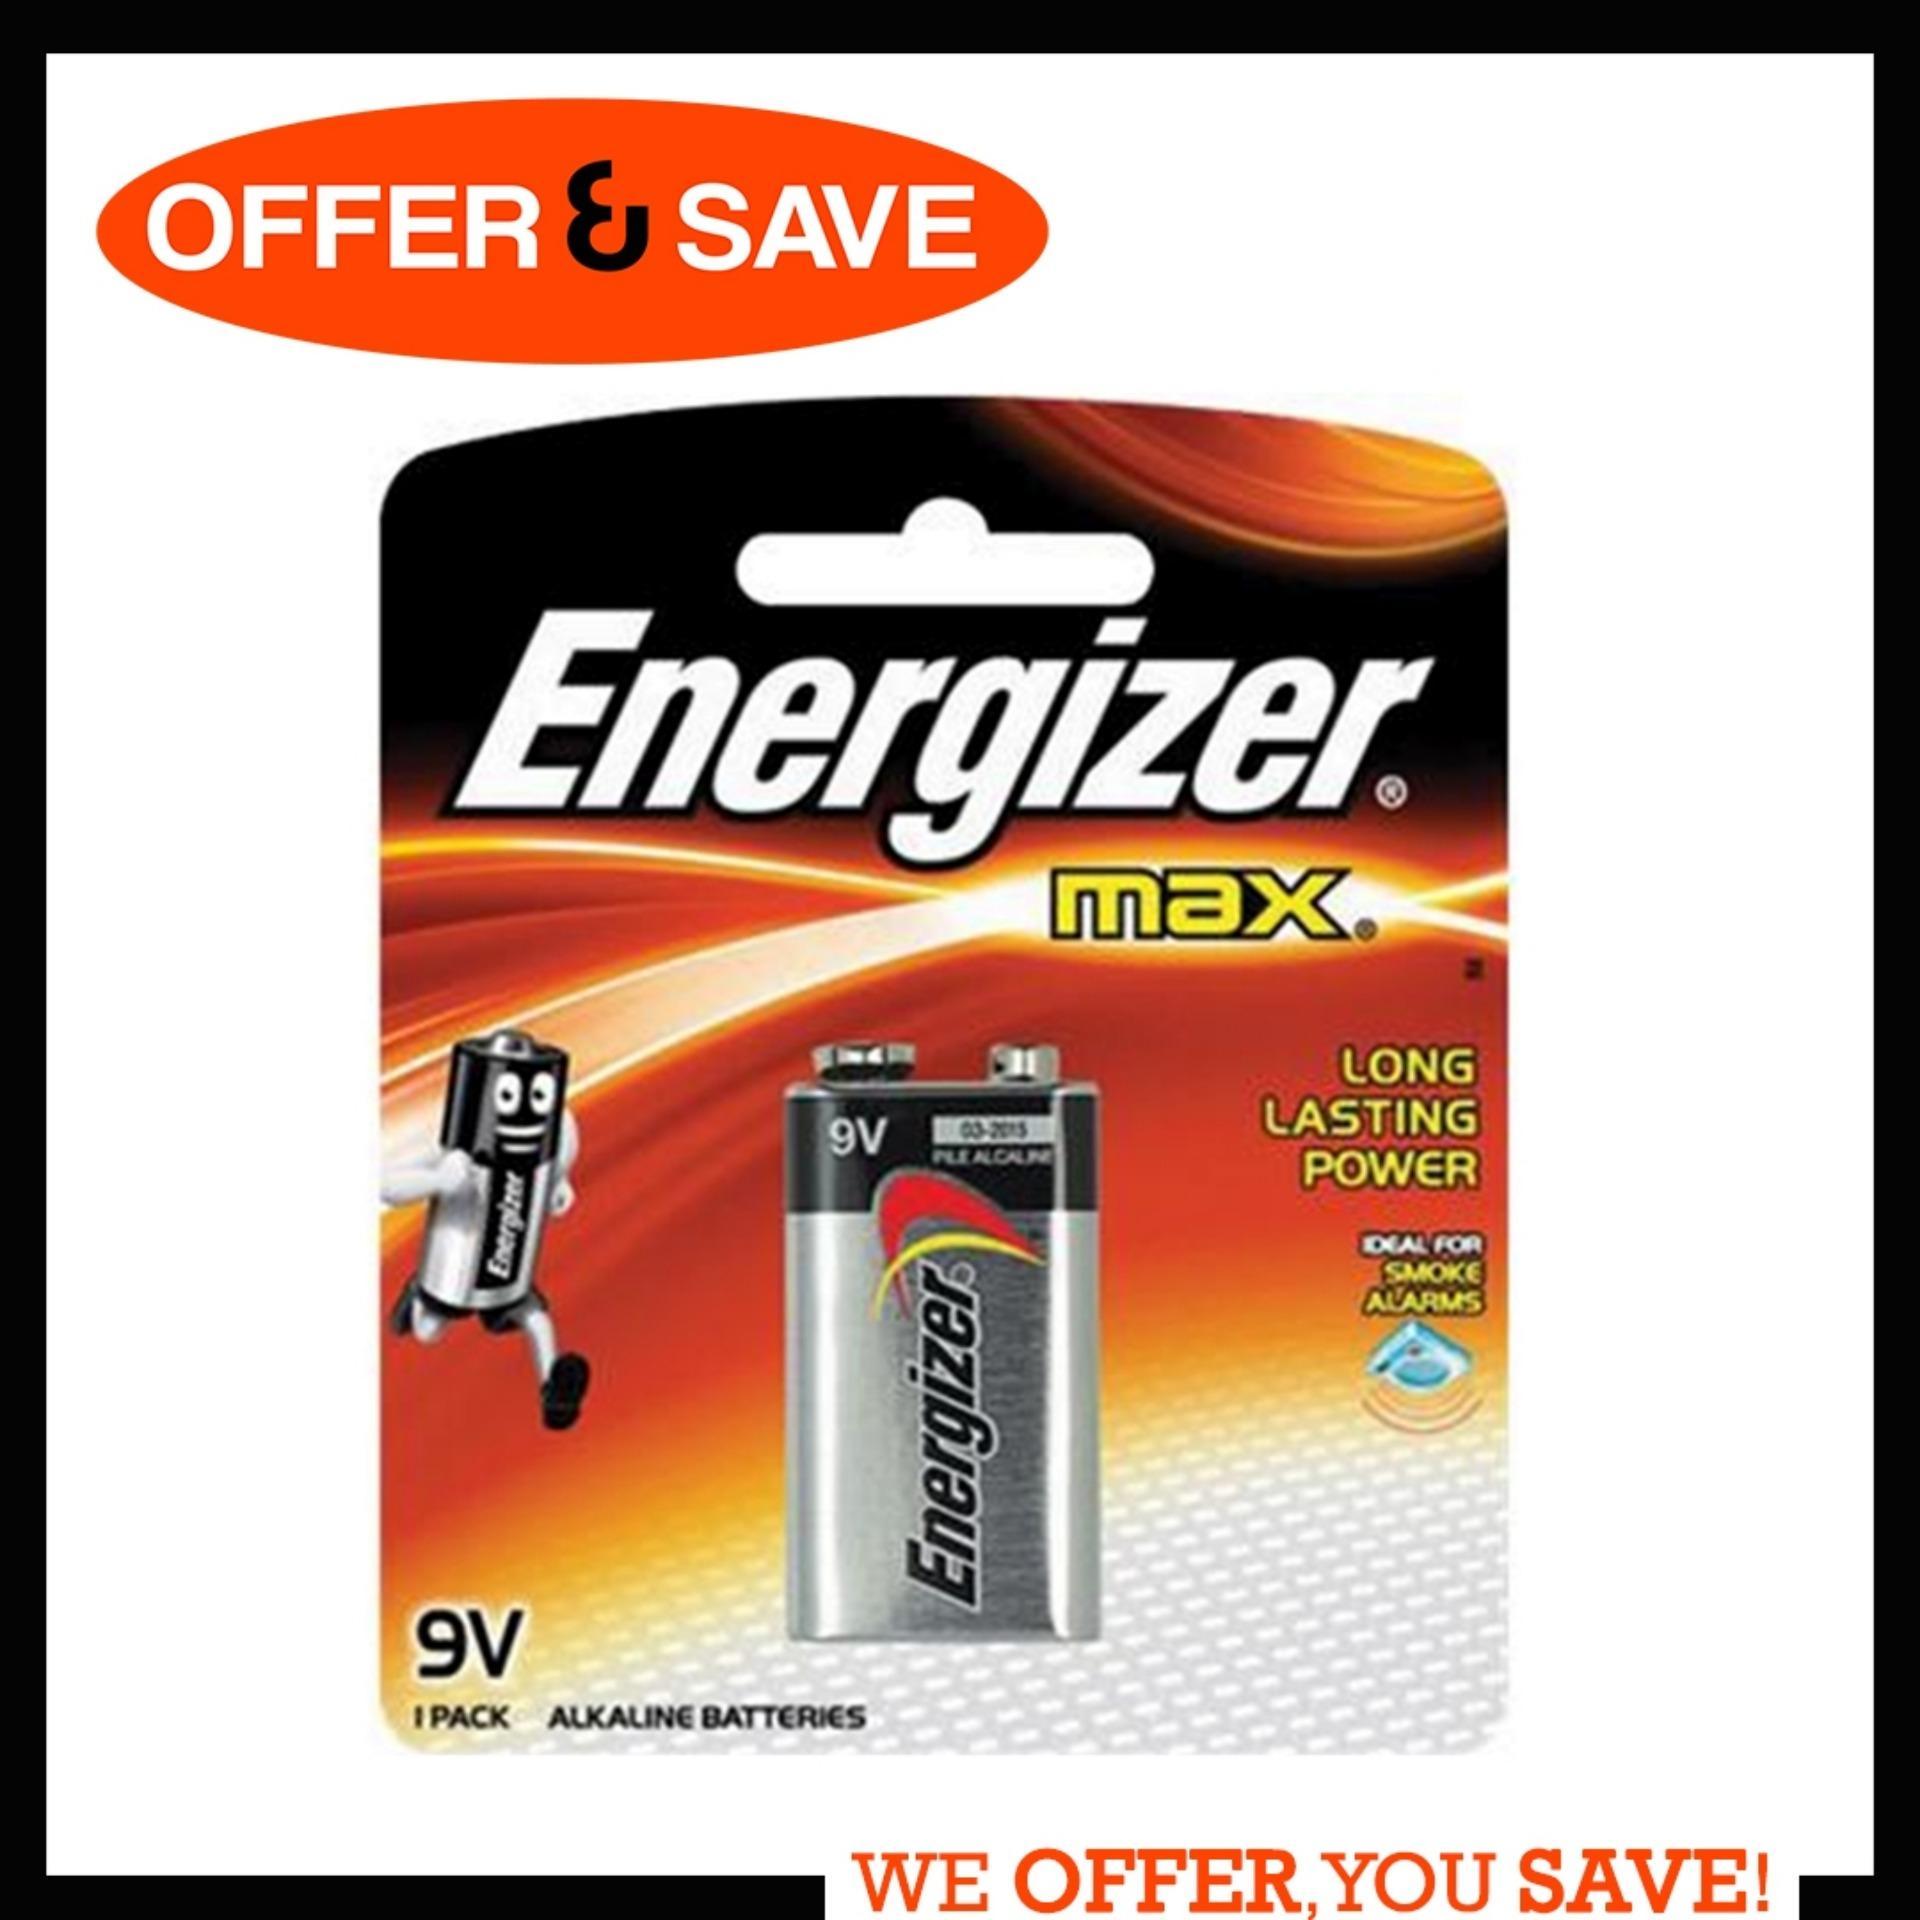 Energizer Max 9v Alkaline Battery By Offer & Save.